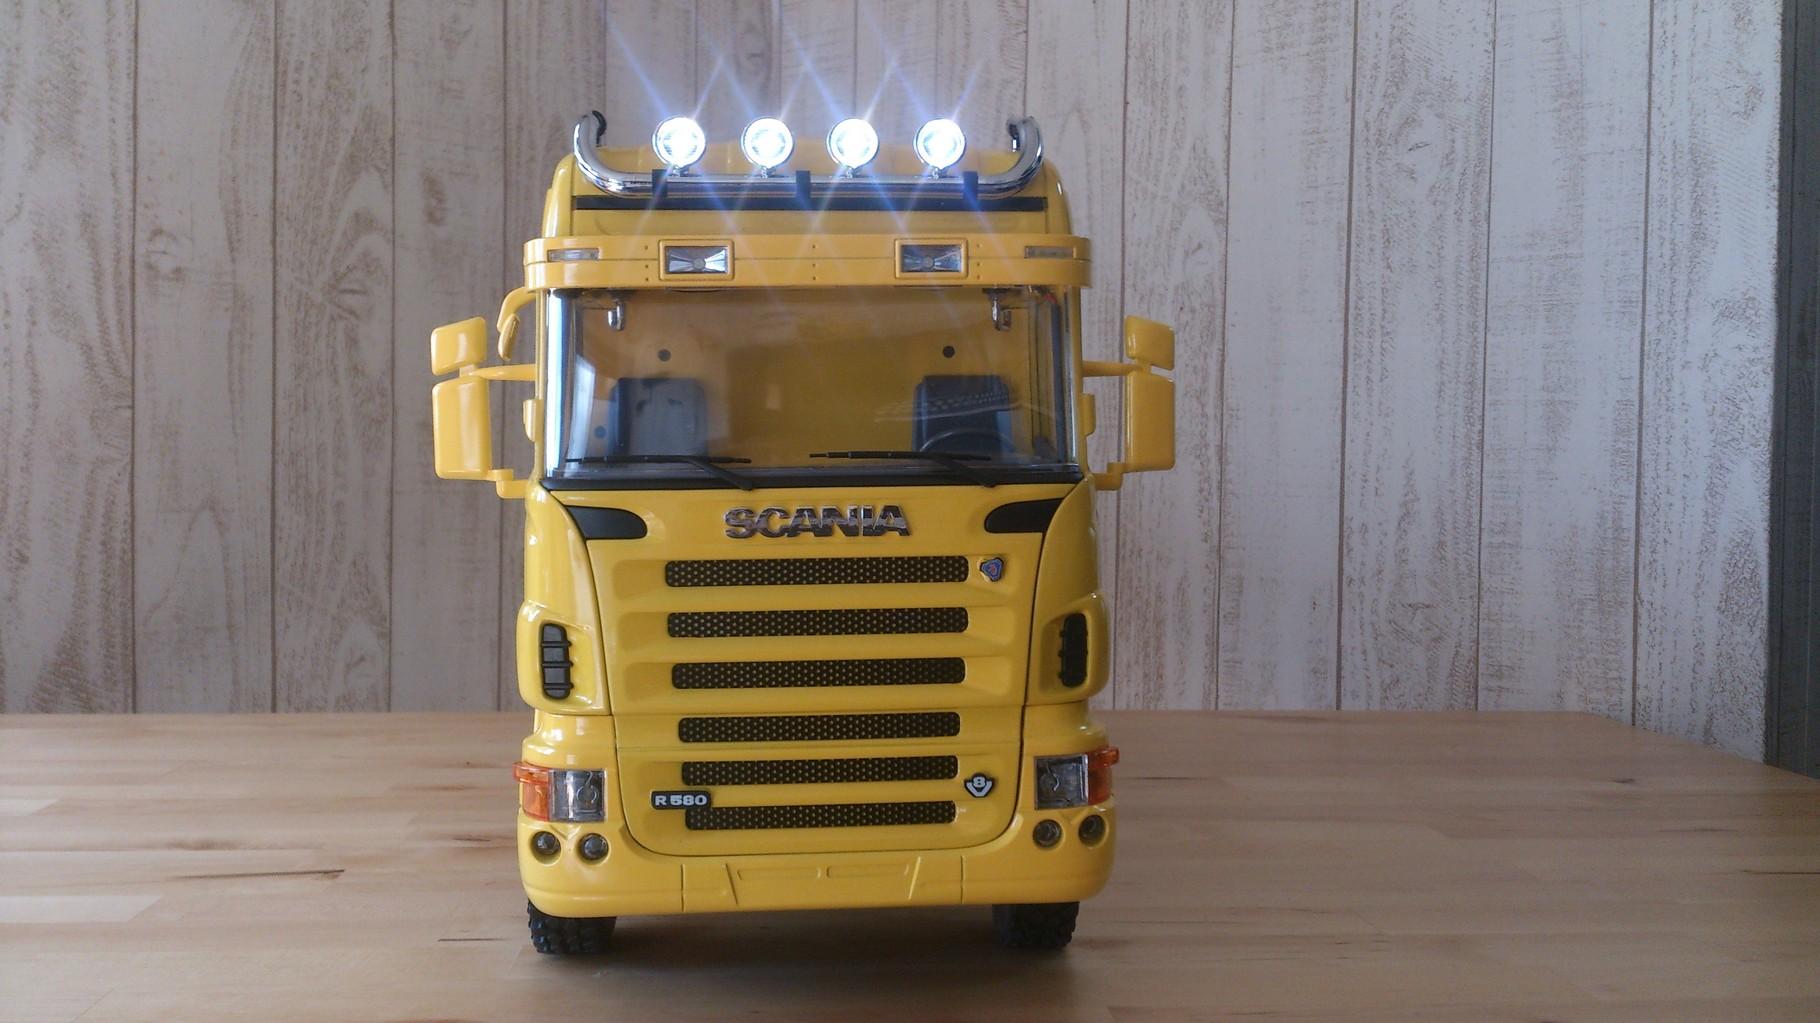 スカニア4軸3転ダンプトラック_ルーフライト点灯